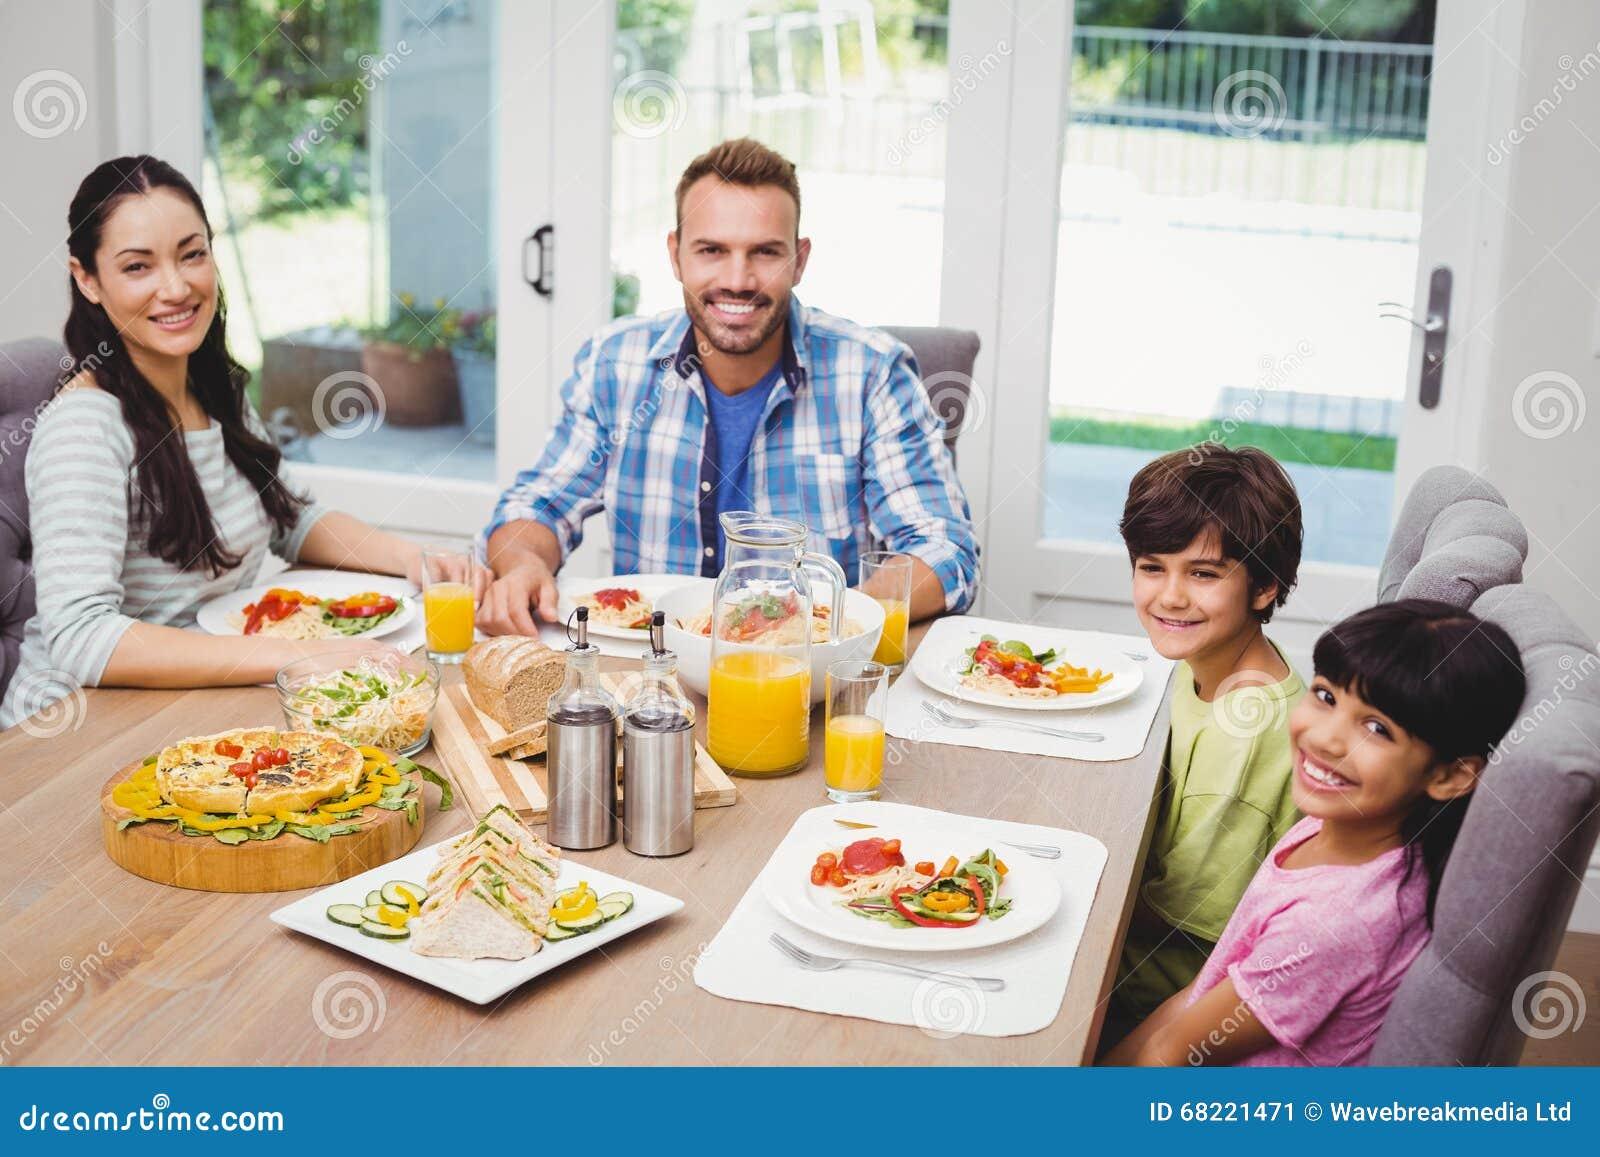 Retrato de la familia sonriente que se sienta en la mesa - El comedor de familia ...